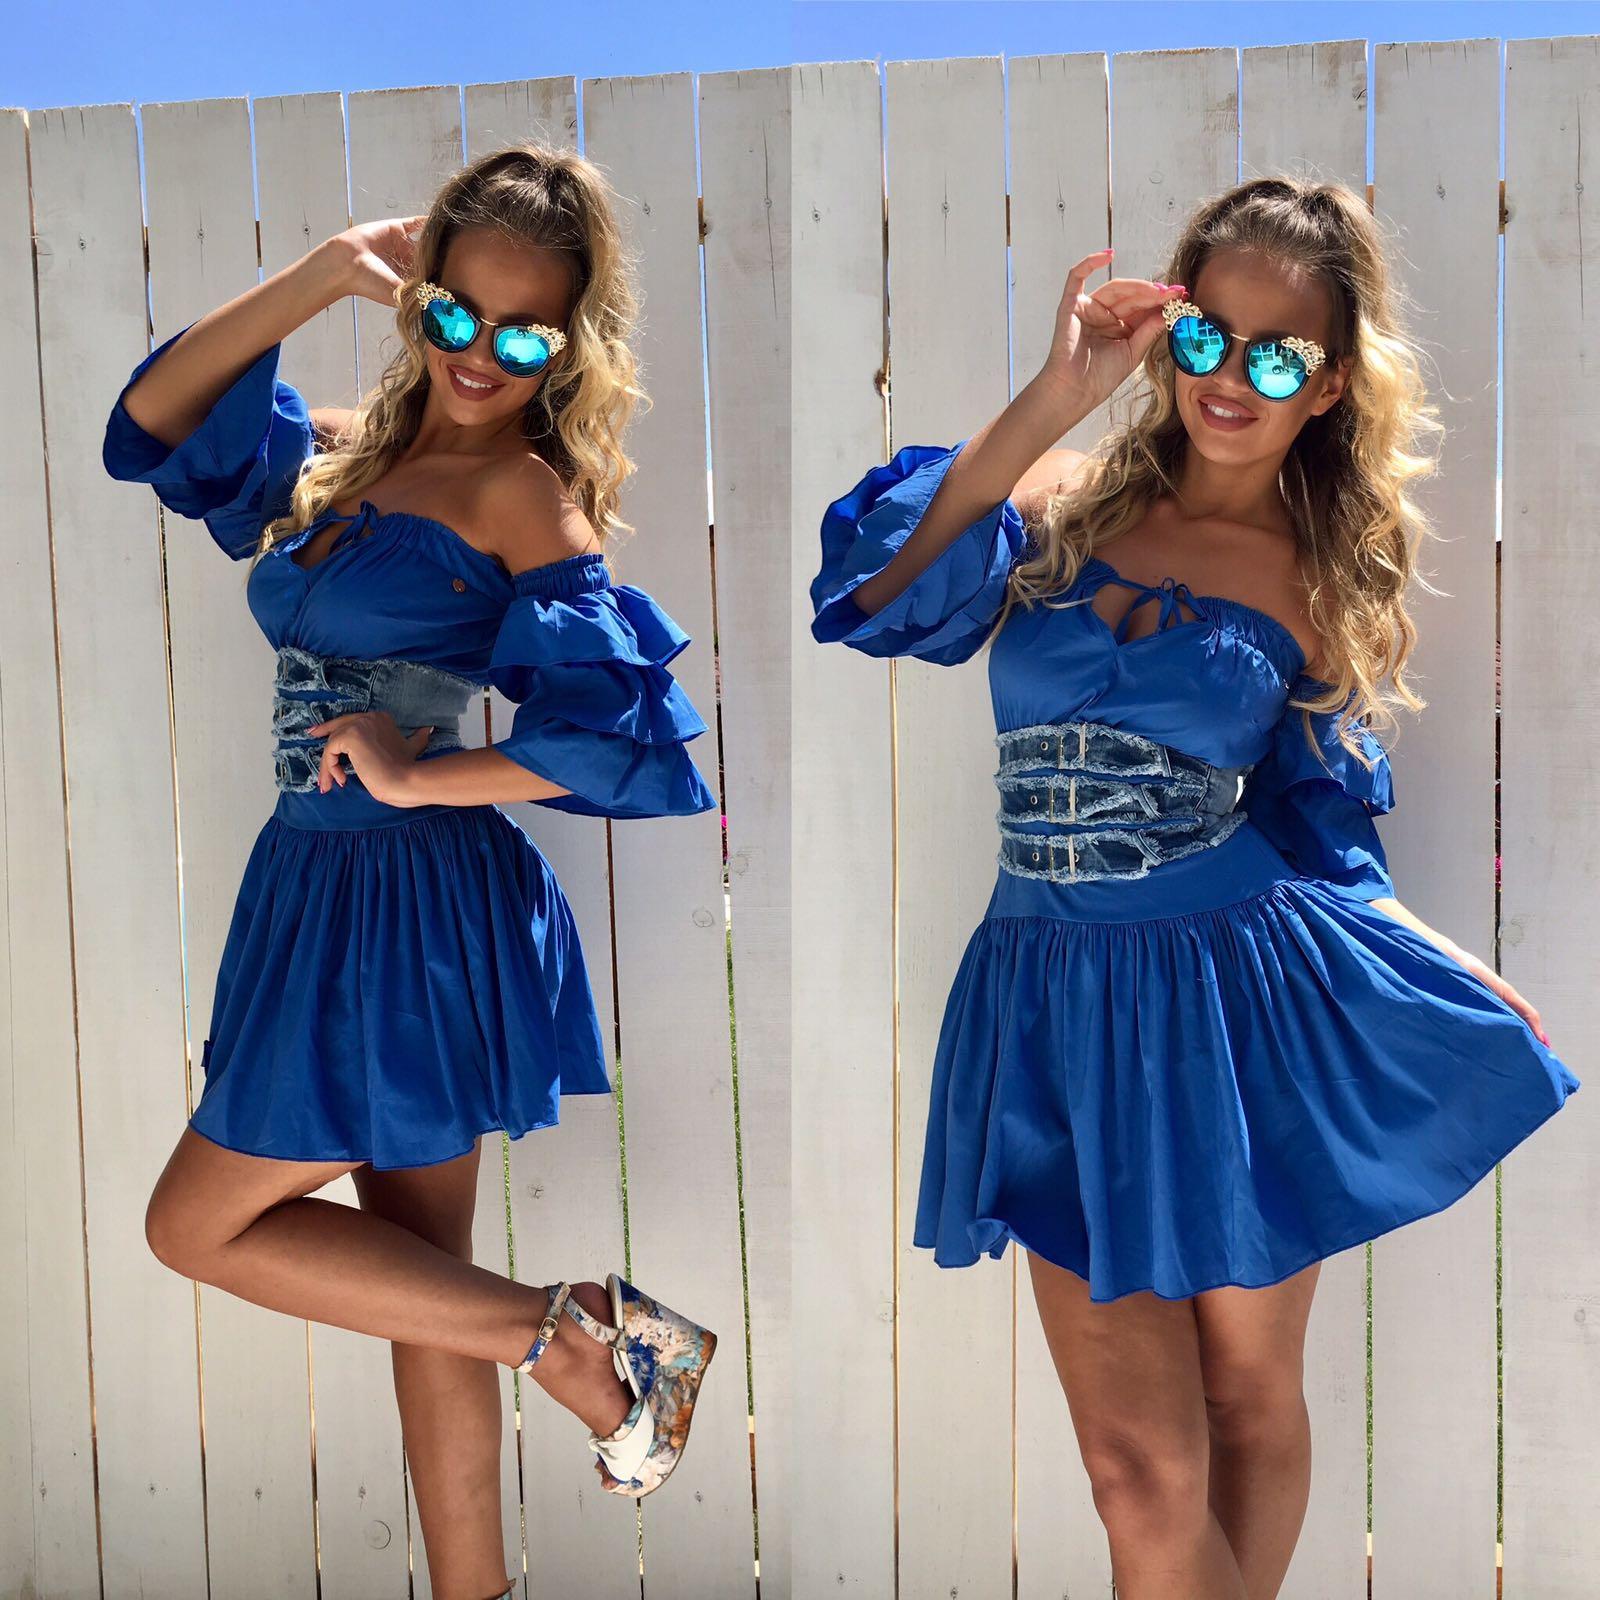 Dámske modré šaty Foggi s volánmi - S odporúčame pre XS